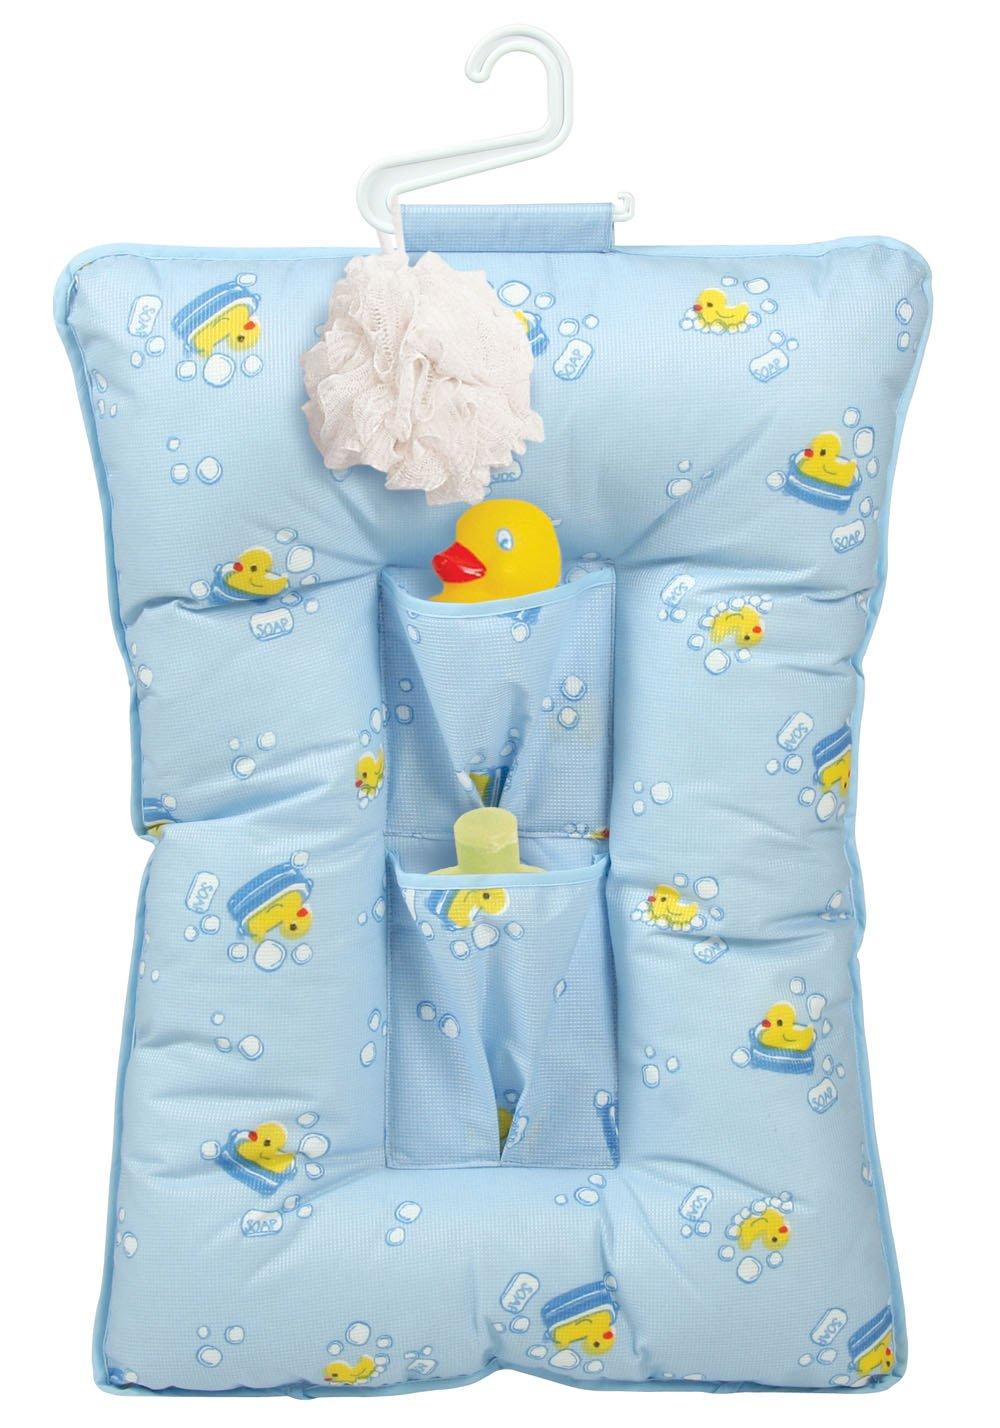 Amazon.com : Leachco Comfy Caddy, Blue Ducks : Baby Bathing Seats ...